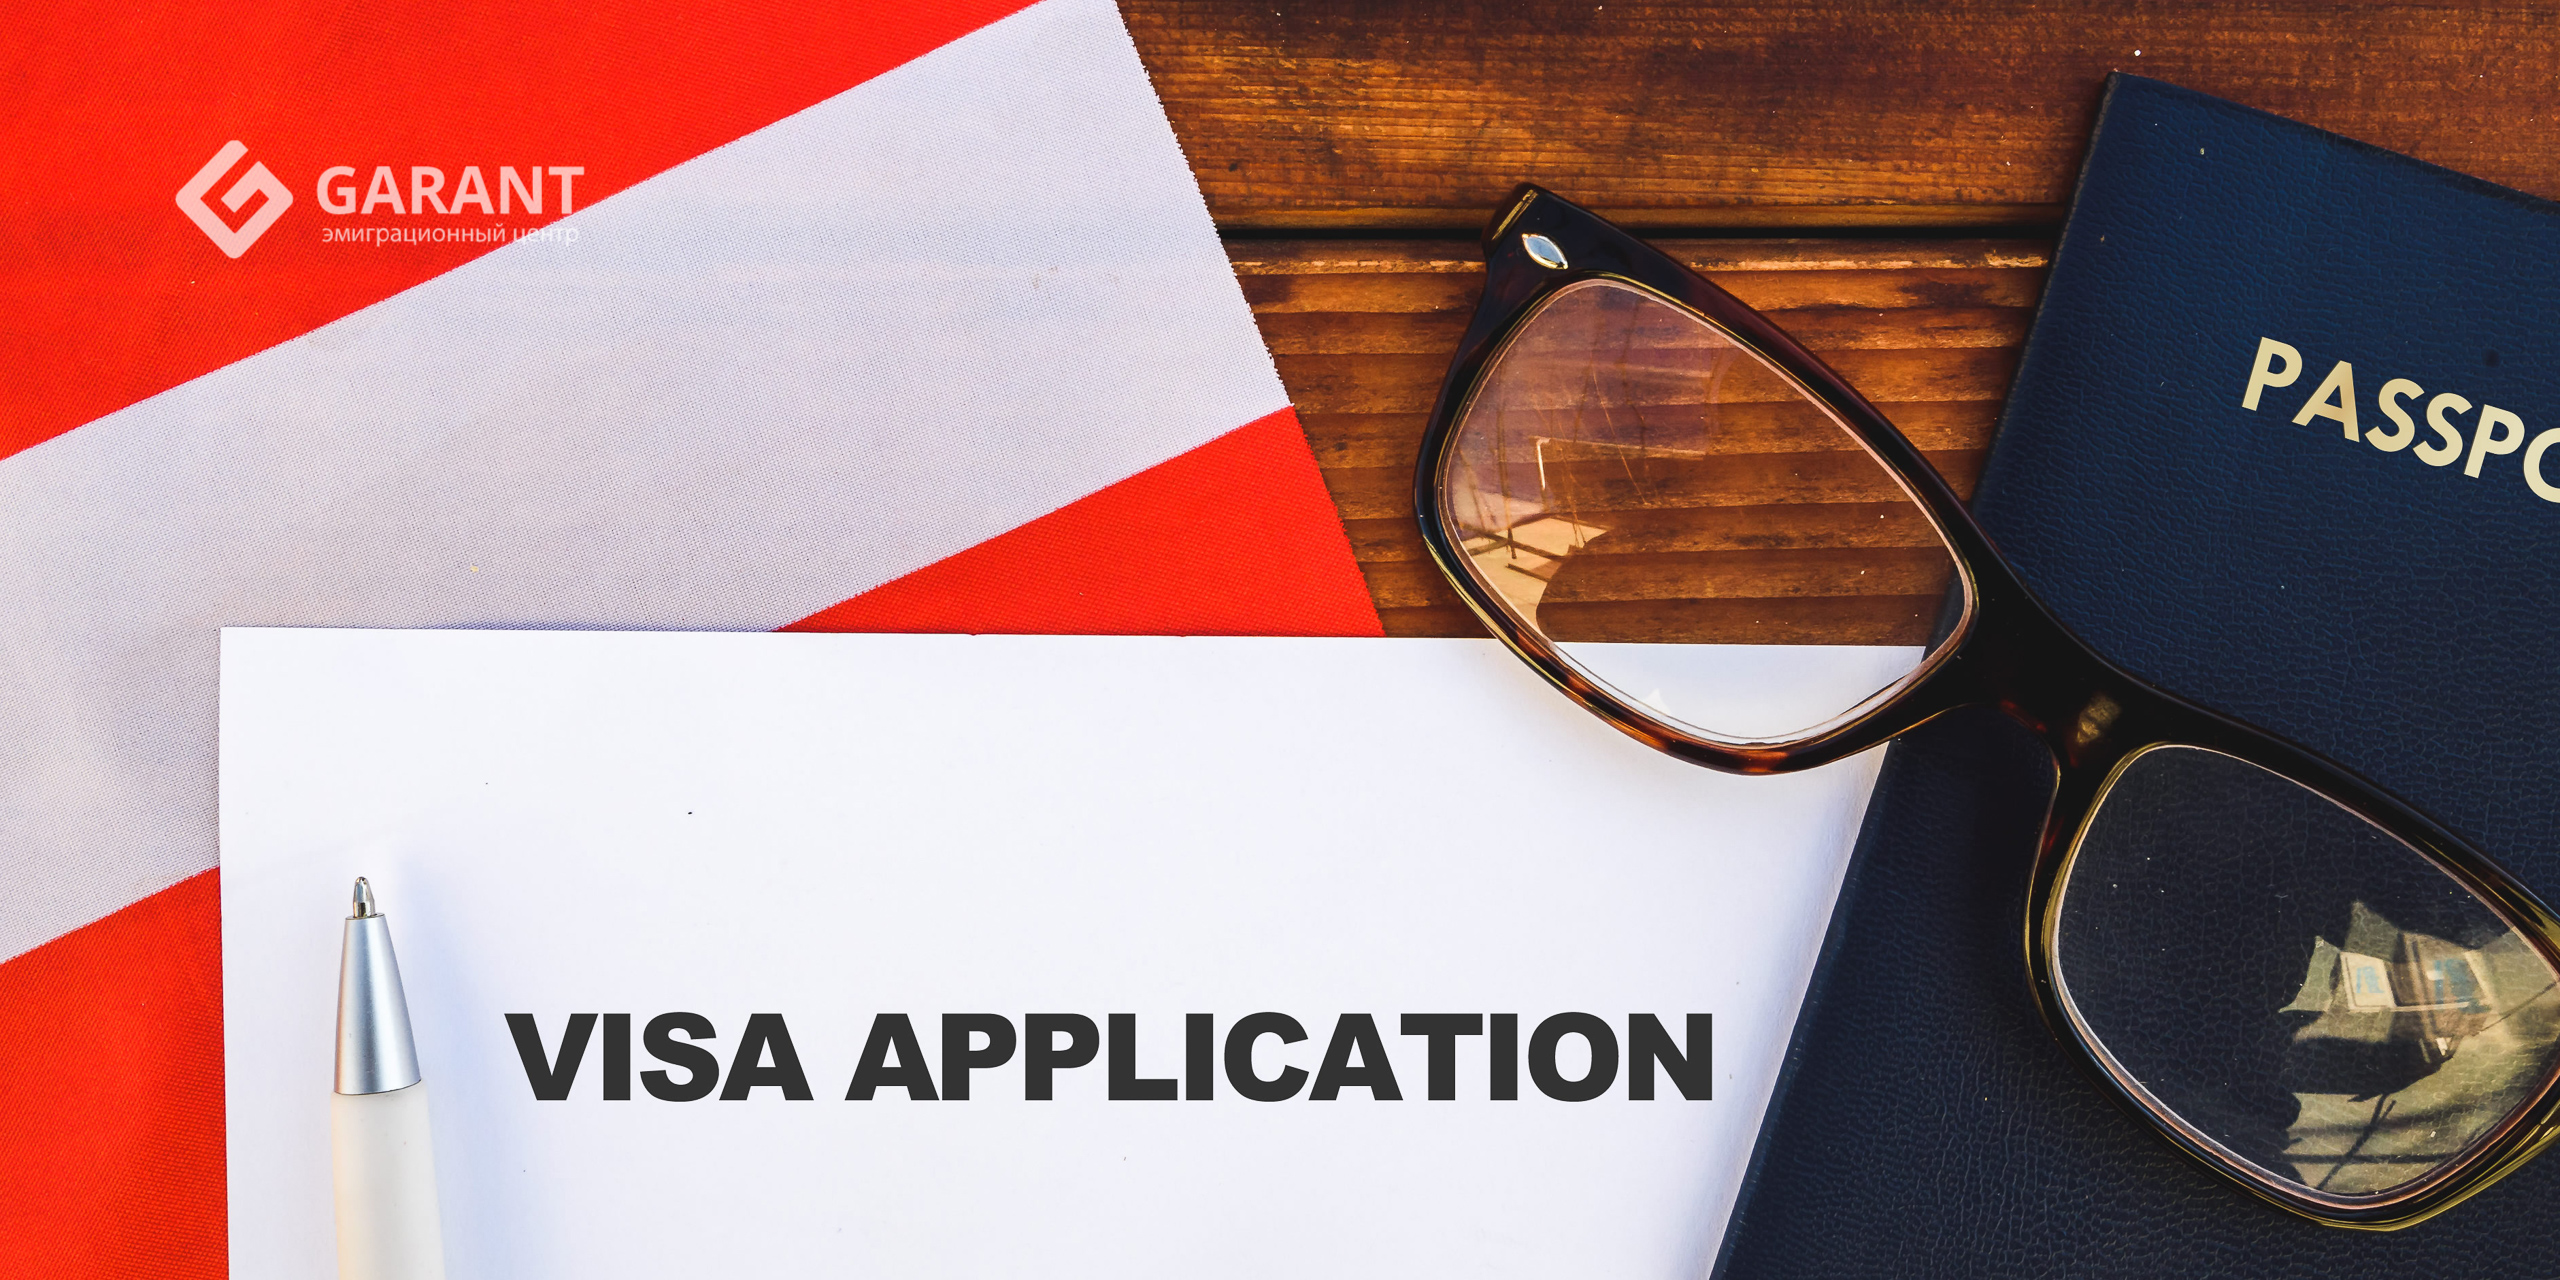 Получить паспорт гражданина Австрии в 2020